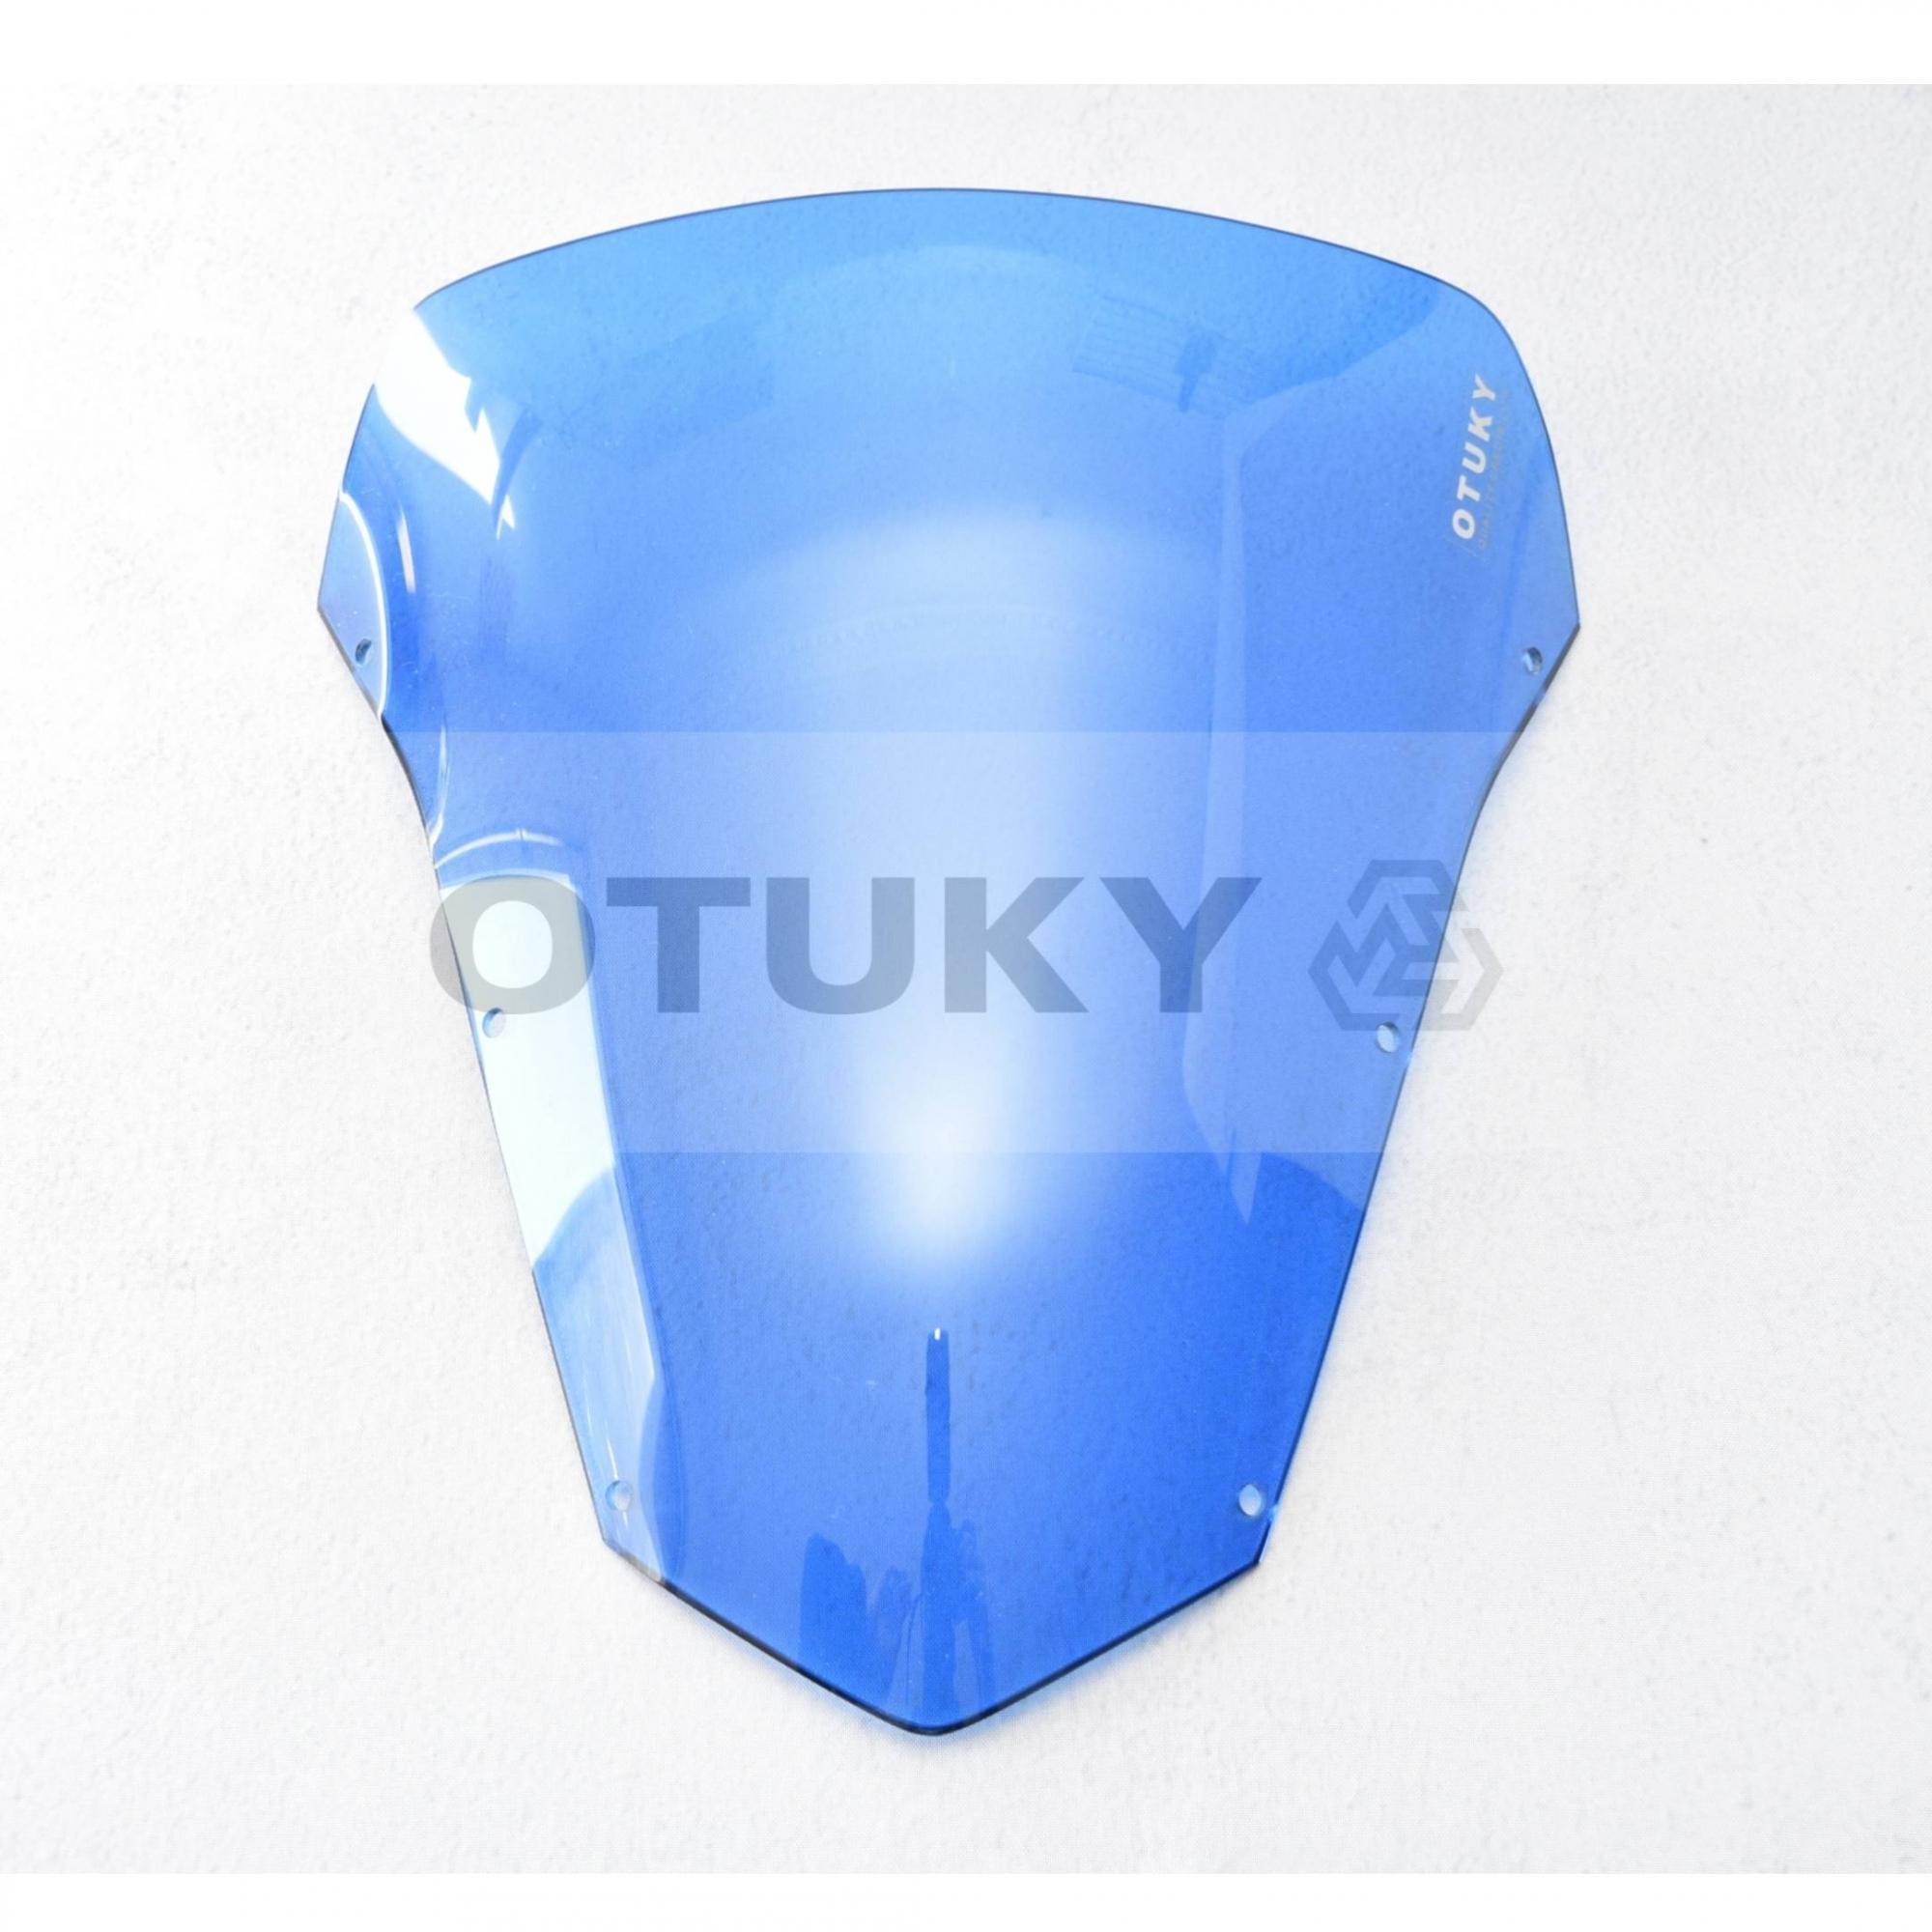 Bolha para Moto Fazer 600 FZ 6 S 2007 2008 2009 2010 Otuky Azul Claro